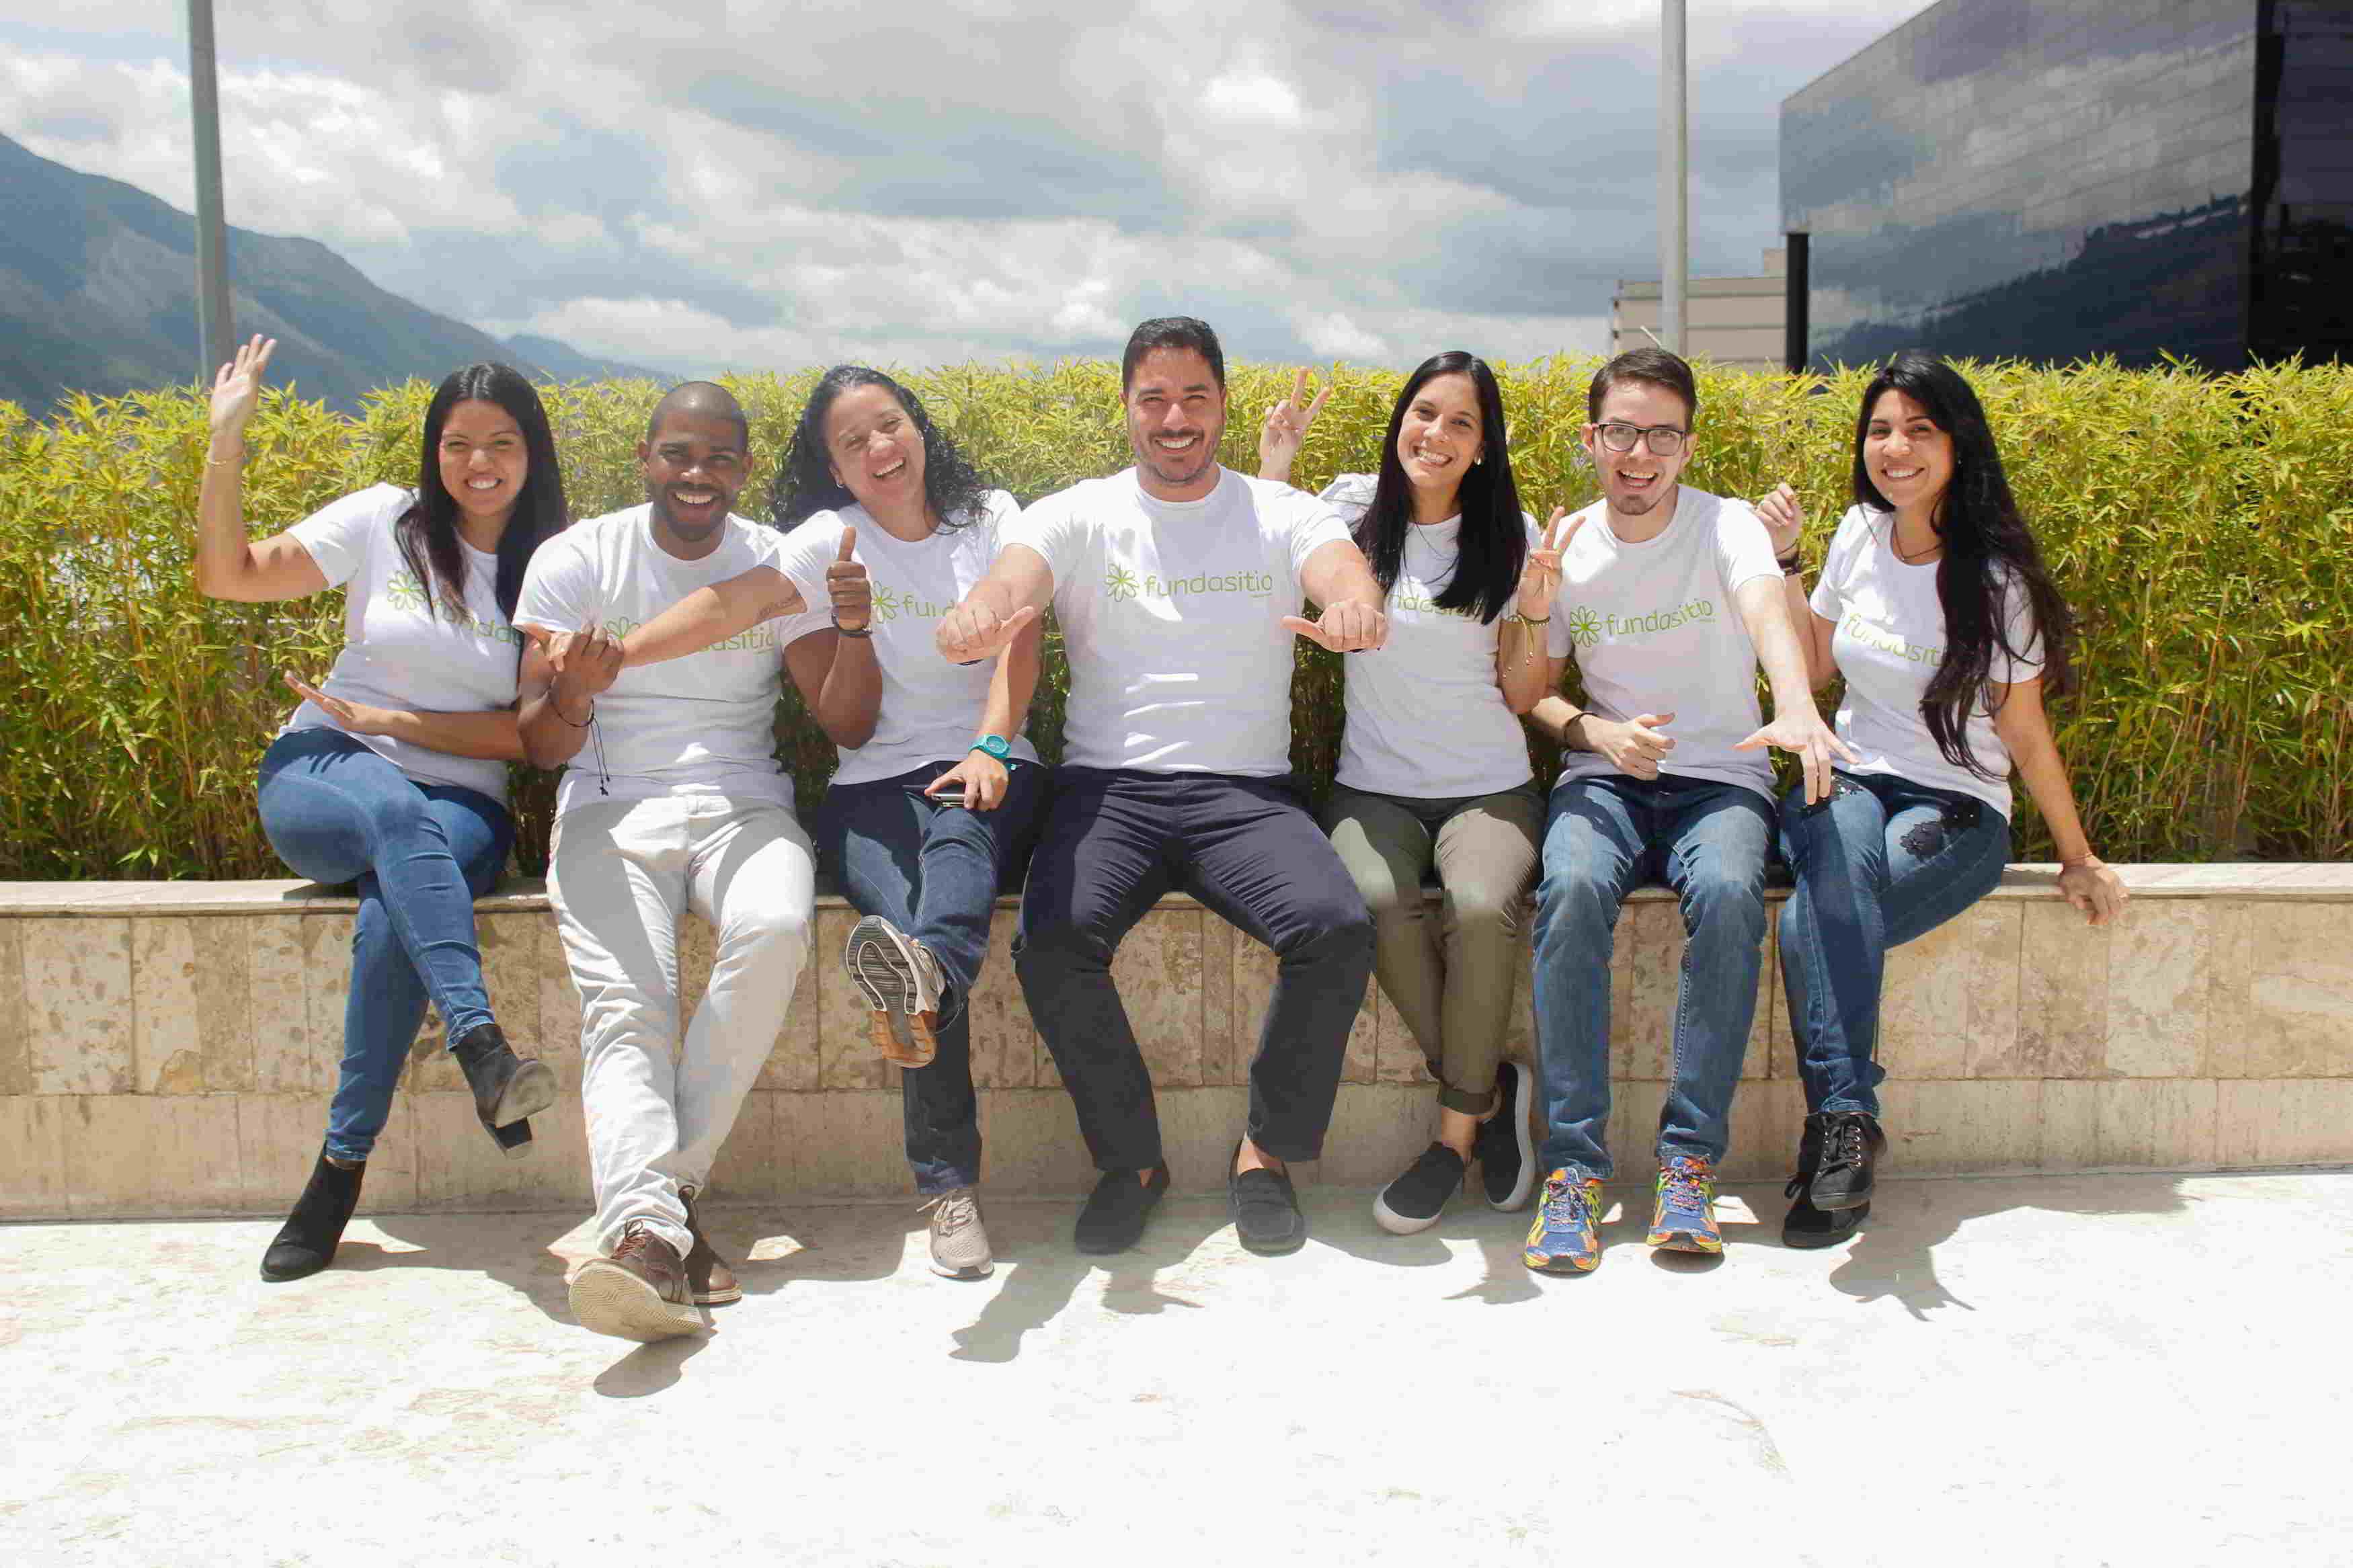 Fundasitio, cinco años de evolución al servicio de los venezolanos